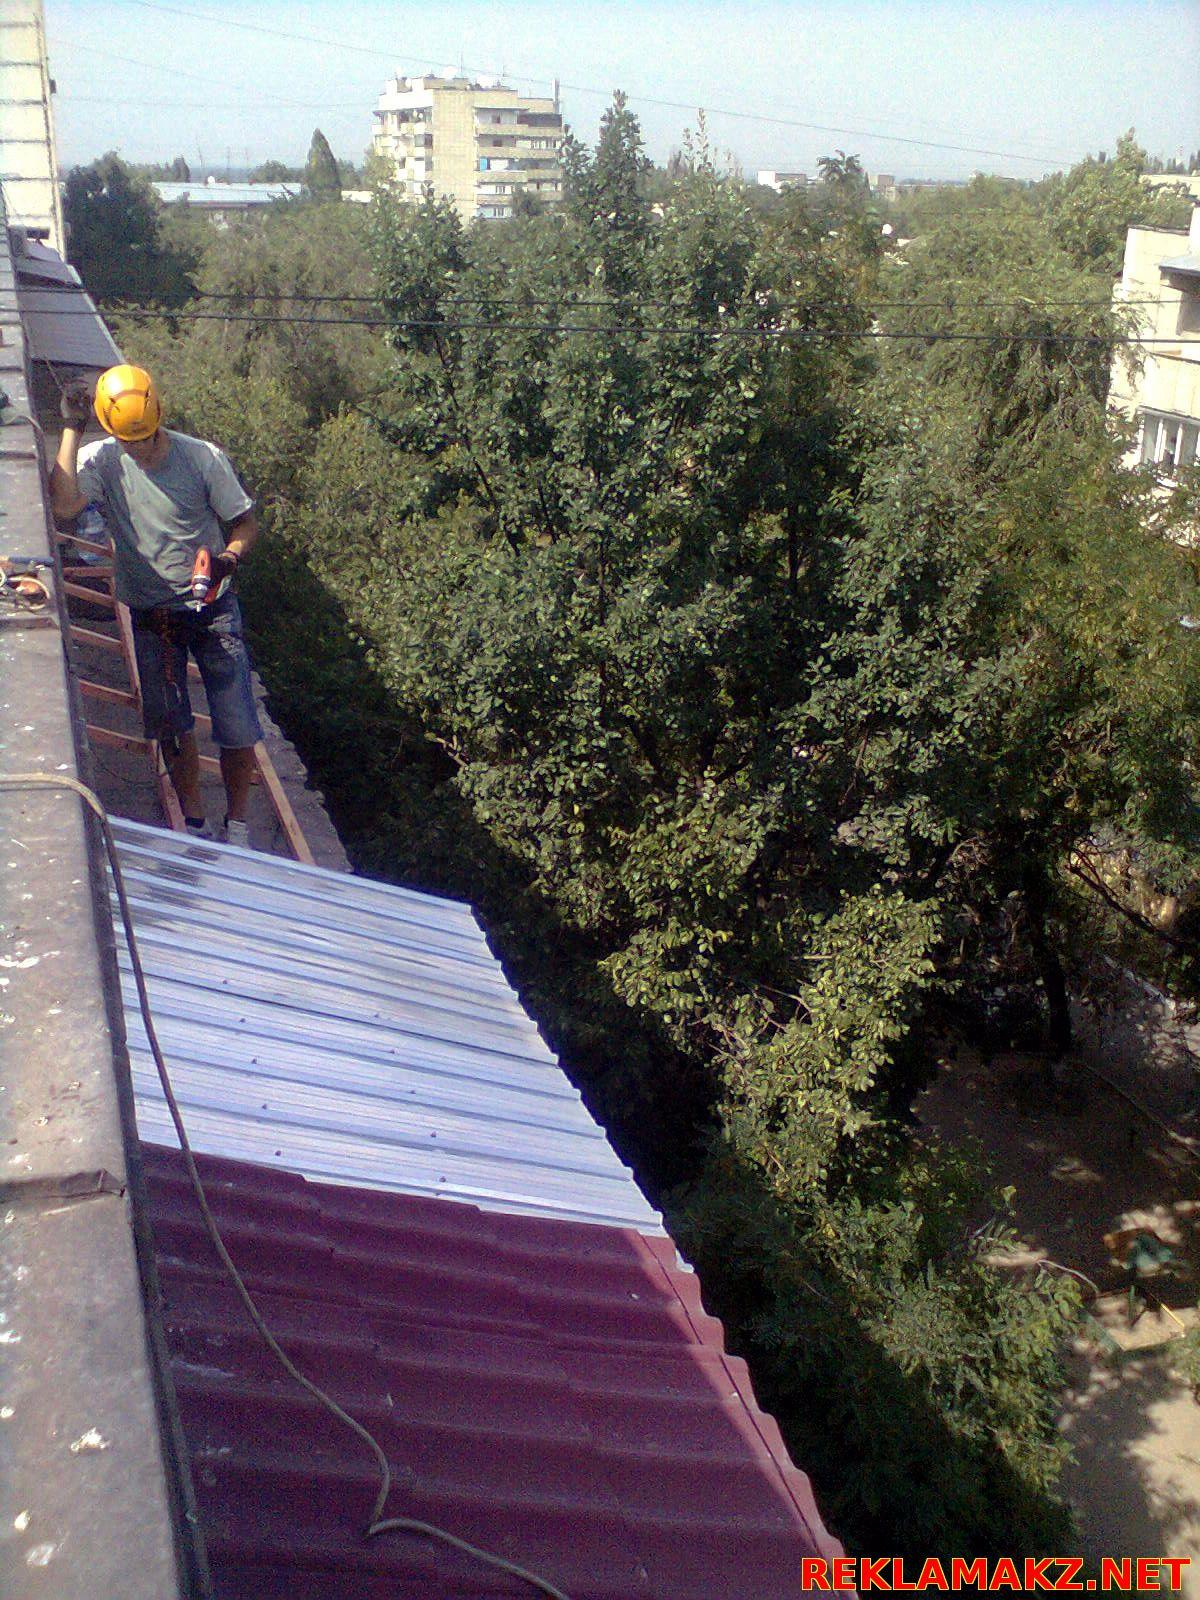 Профессиональный монтаж балконного козырька в алматы - не до.